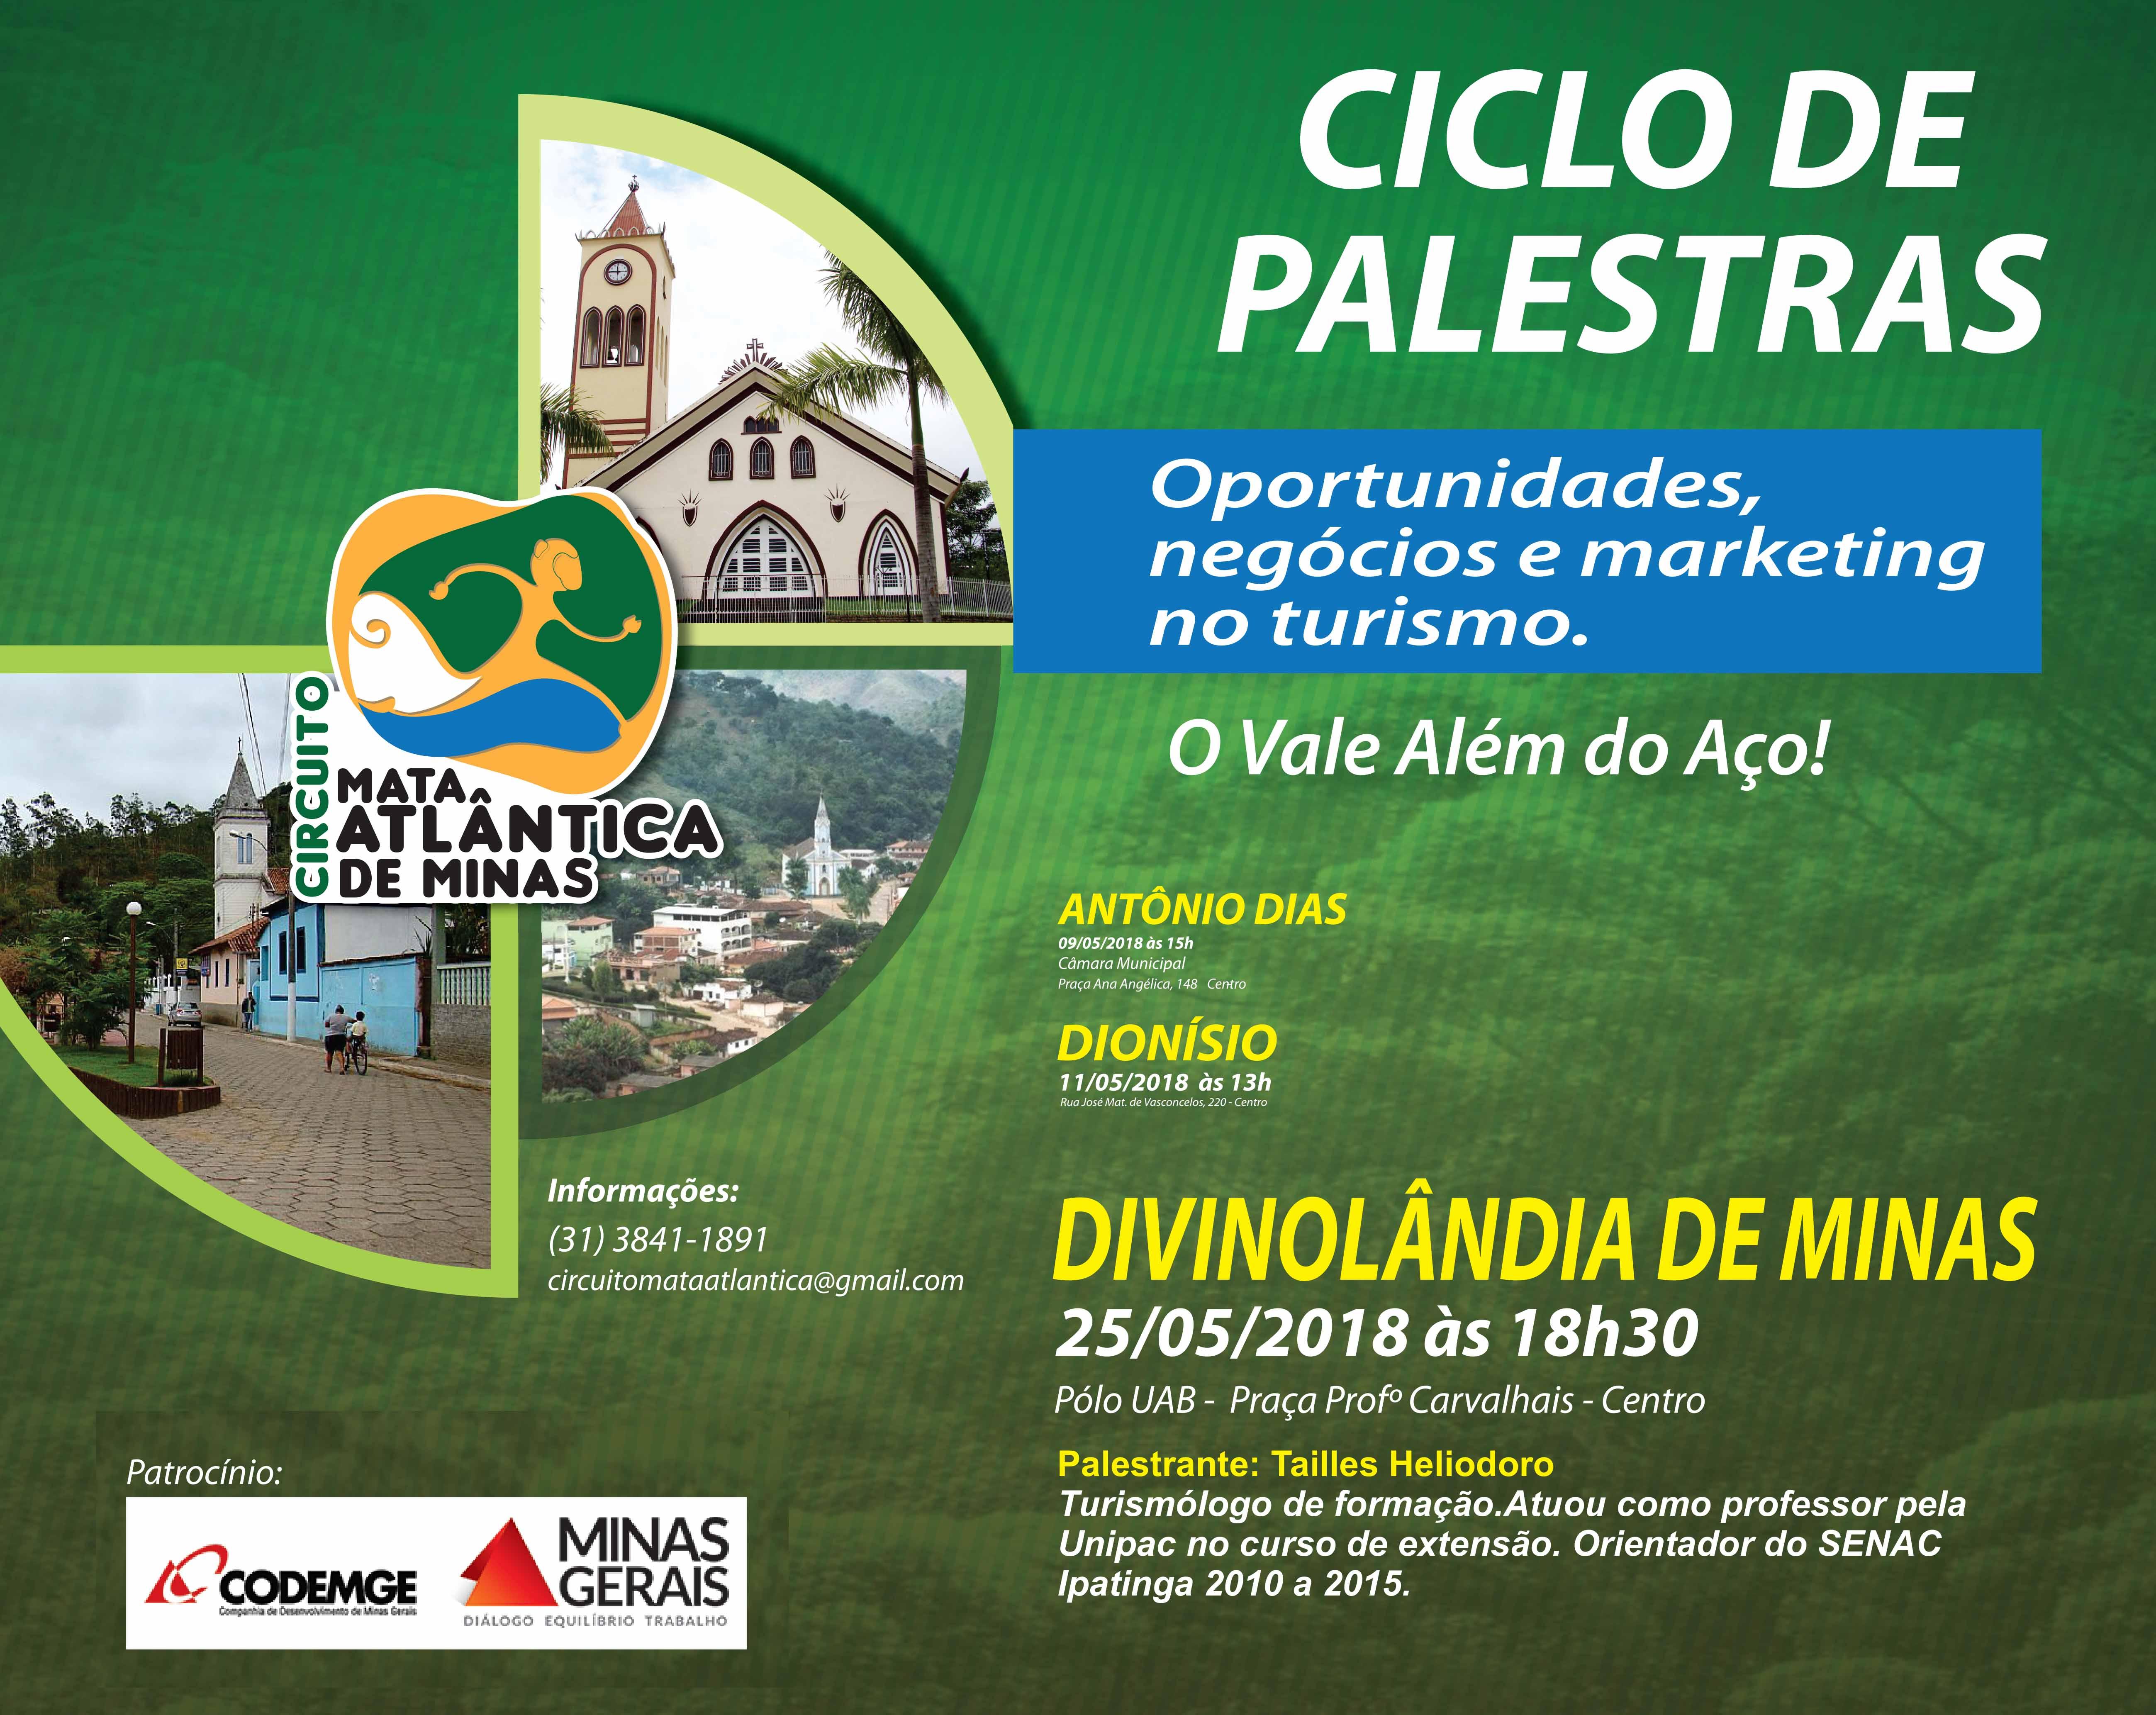 CICLO PALESTRAS 14 05